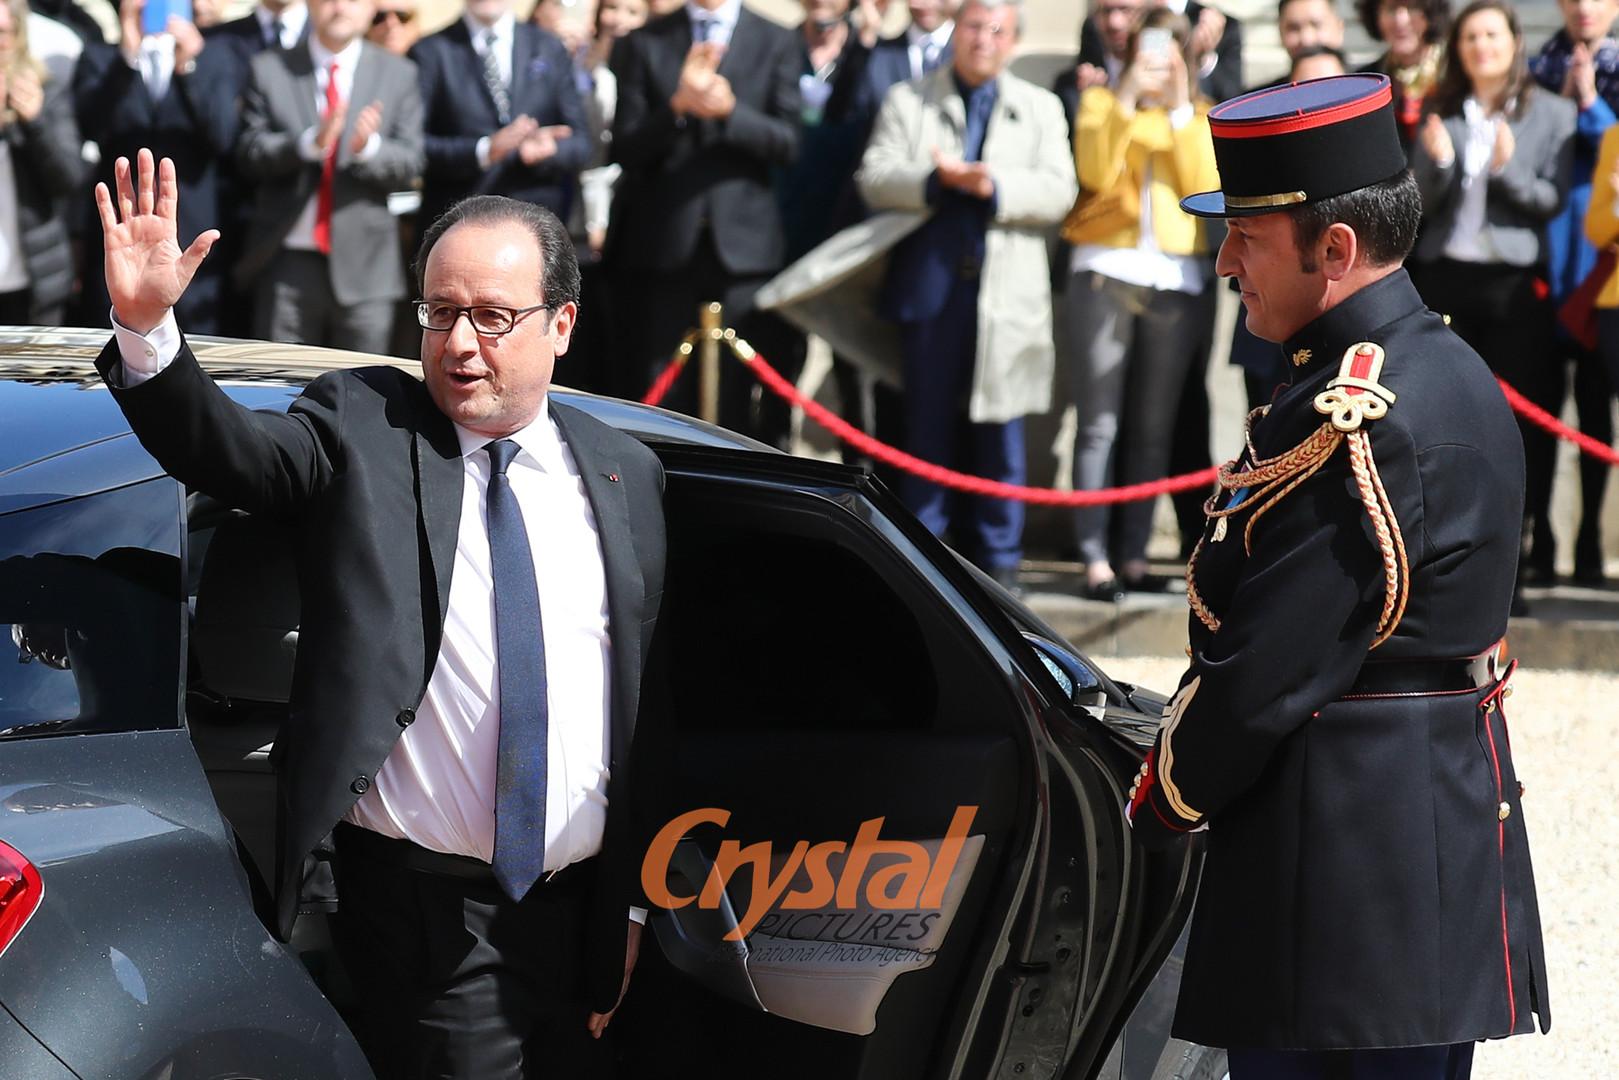 Passation de pouvoir Hollande-Macron à l'Elysée.